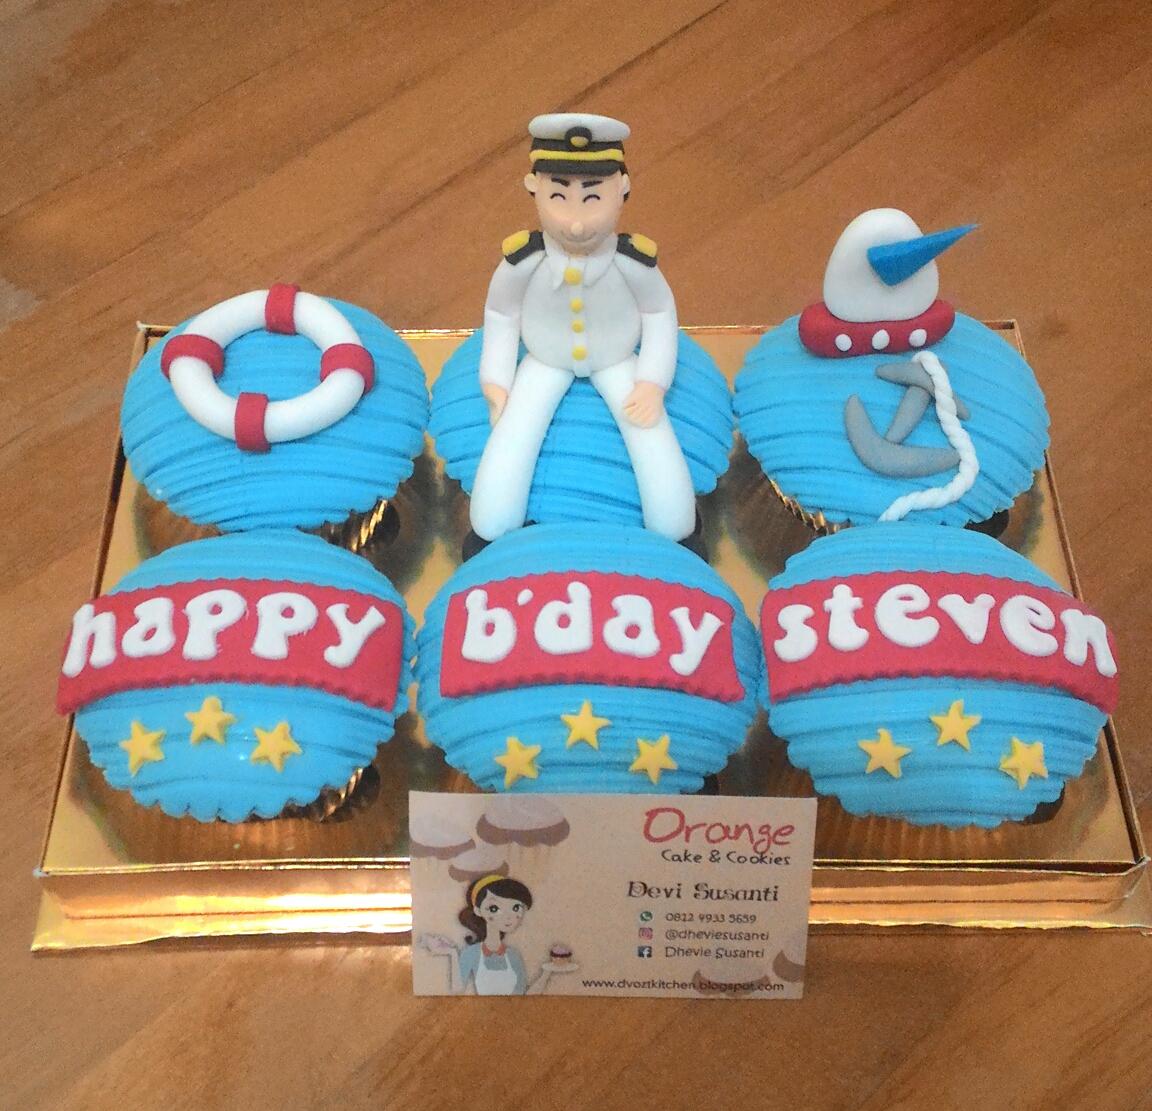 Orange Cake Pelaut Cupcake for Steven